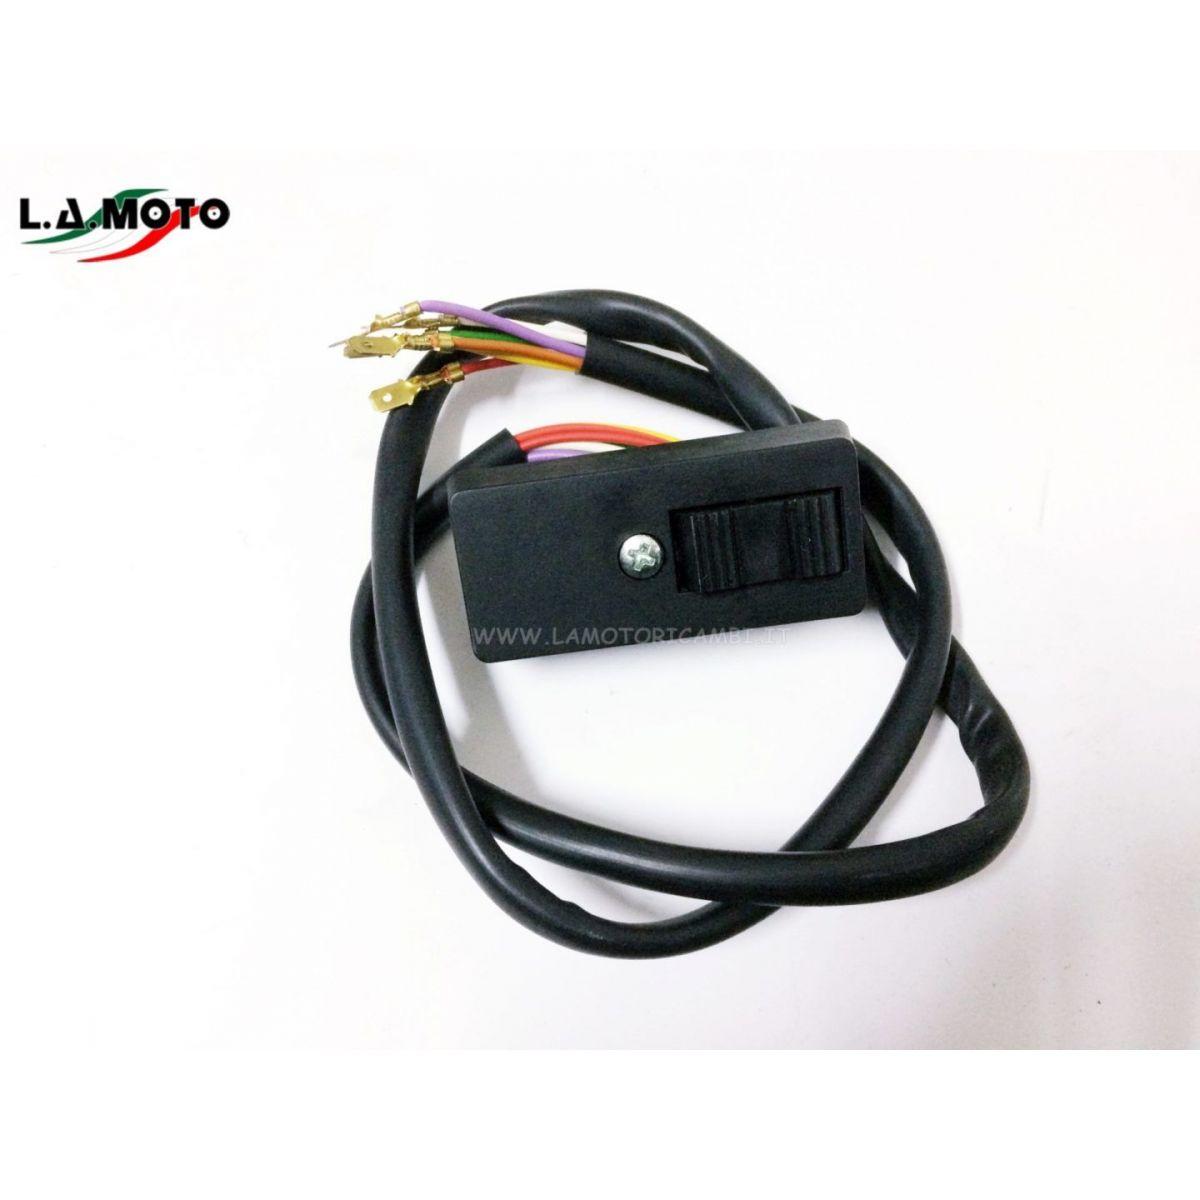 Commutatore lampeggiatori per VESPA PK  r.o. 215669